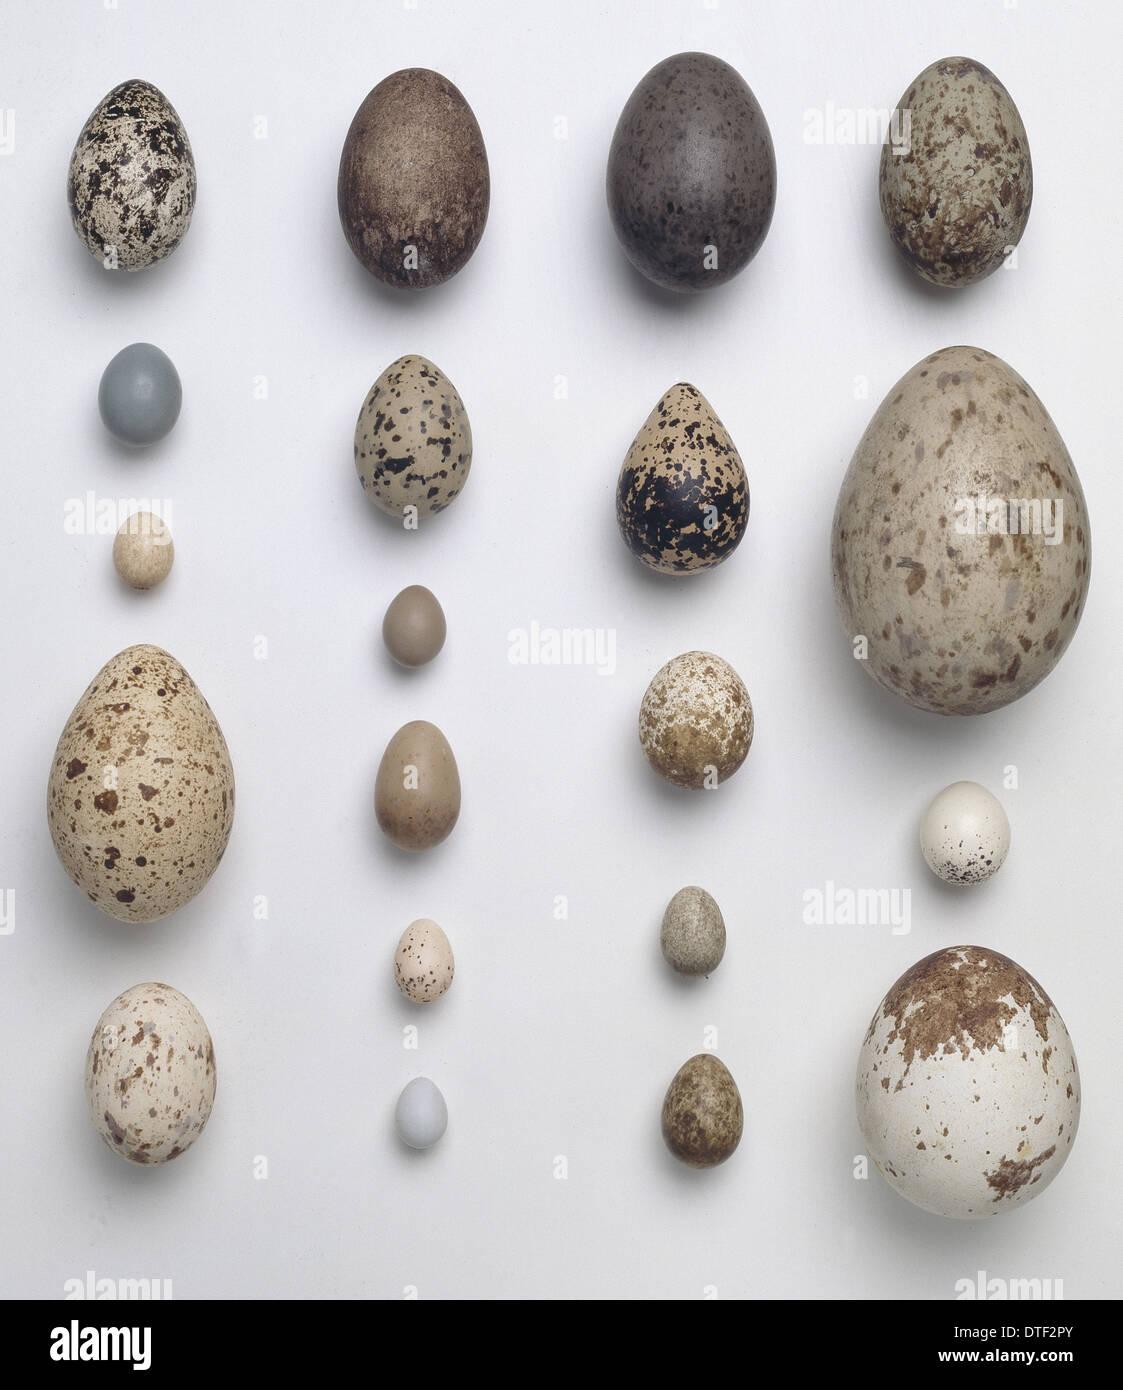 Une collection de 20 oeufs d'oiseaux Photo Stock